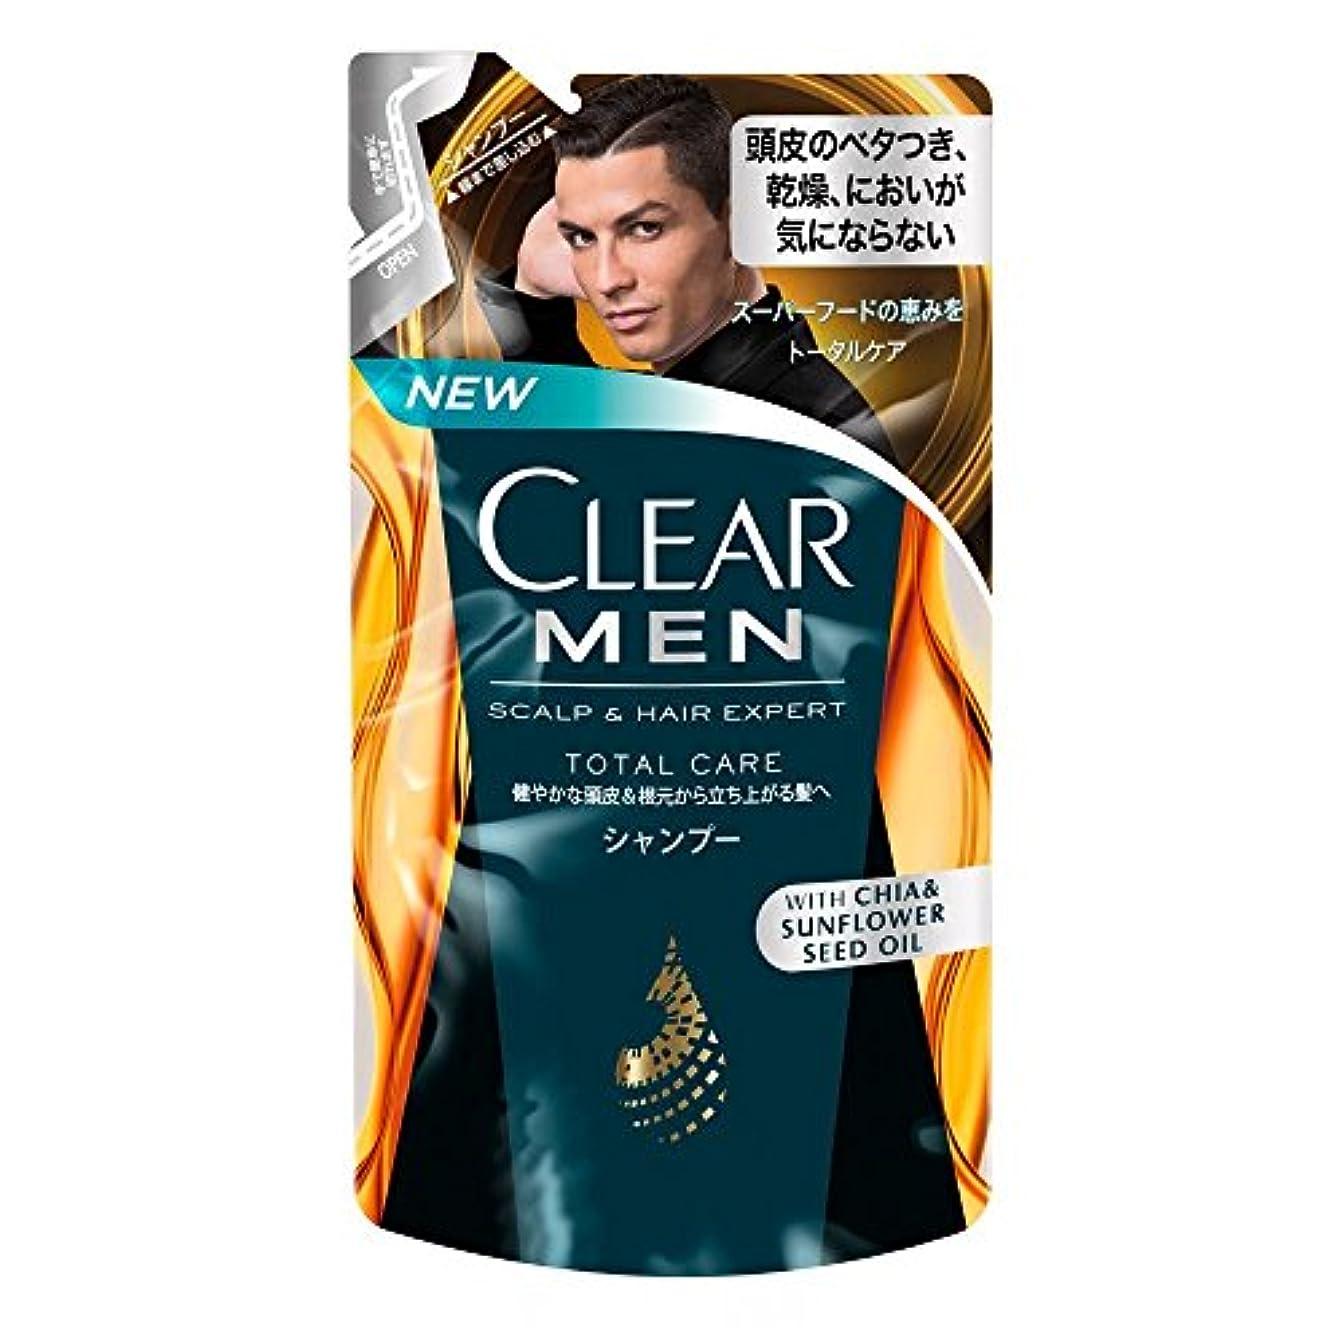 千ロードされた吐くクリア フォーメン トータルケア 男性用シャンプー つめかえ用 (健やかな頭皮へ) 280g × 3個